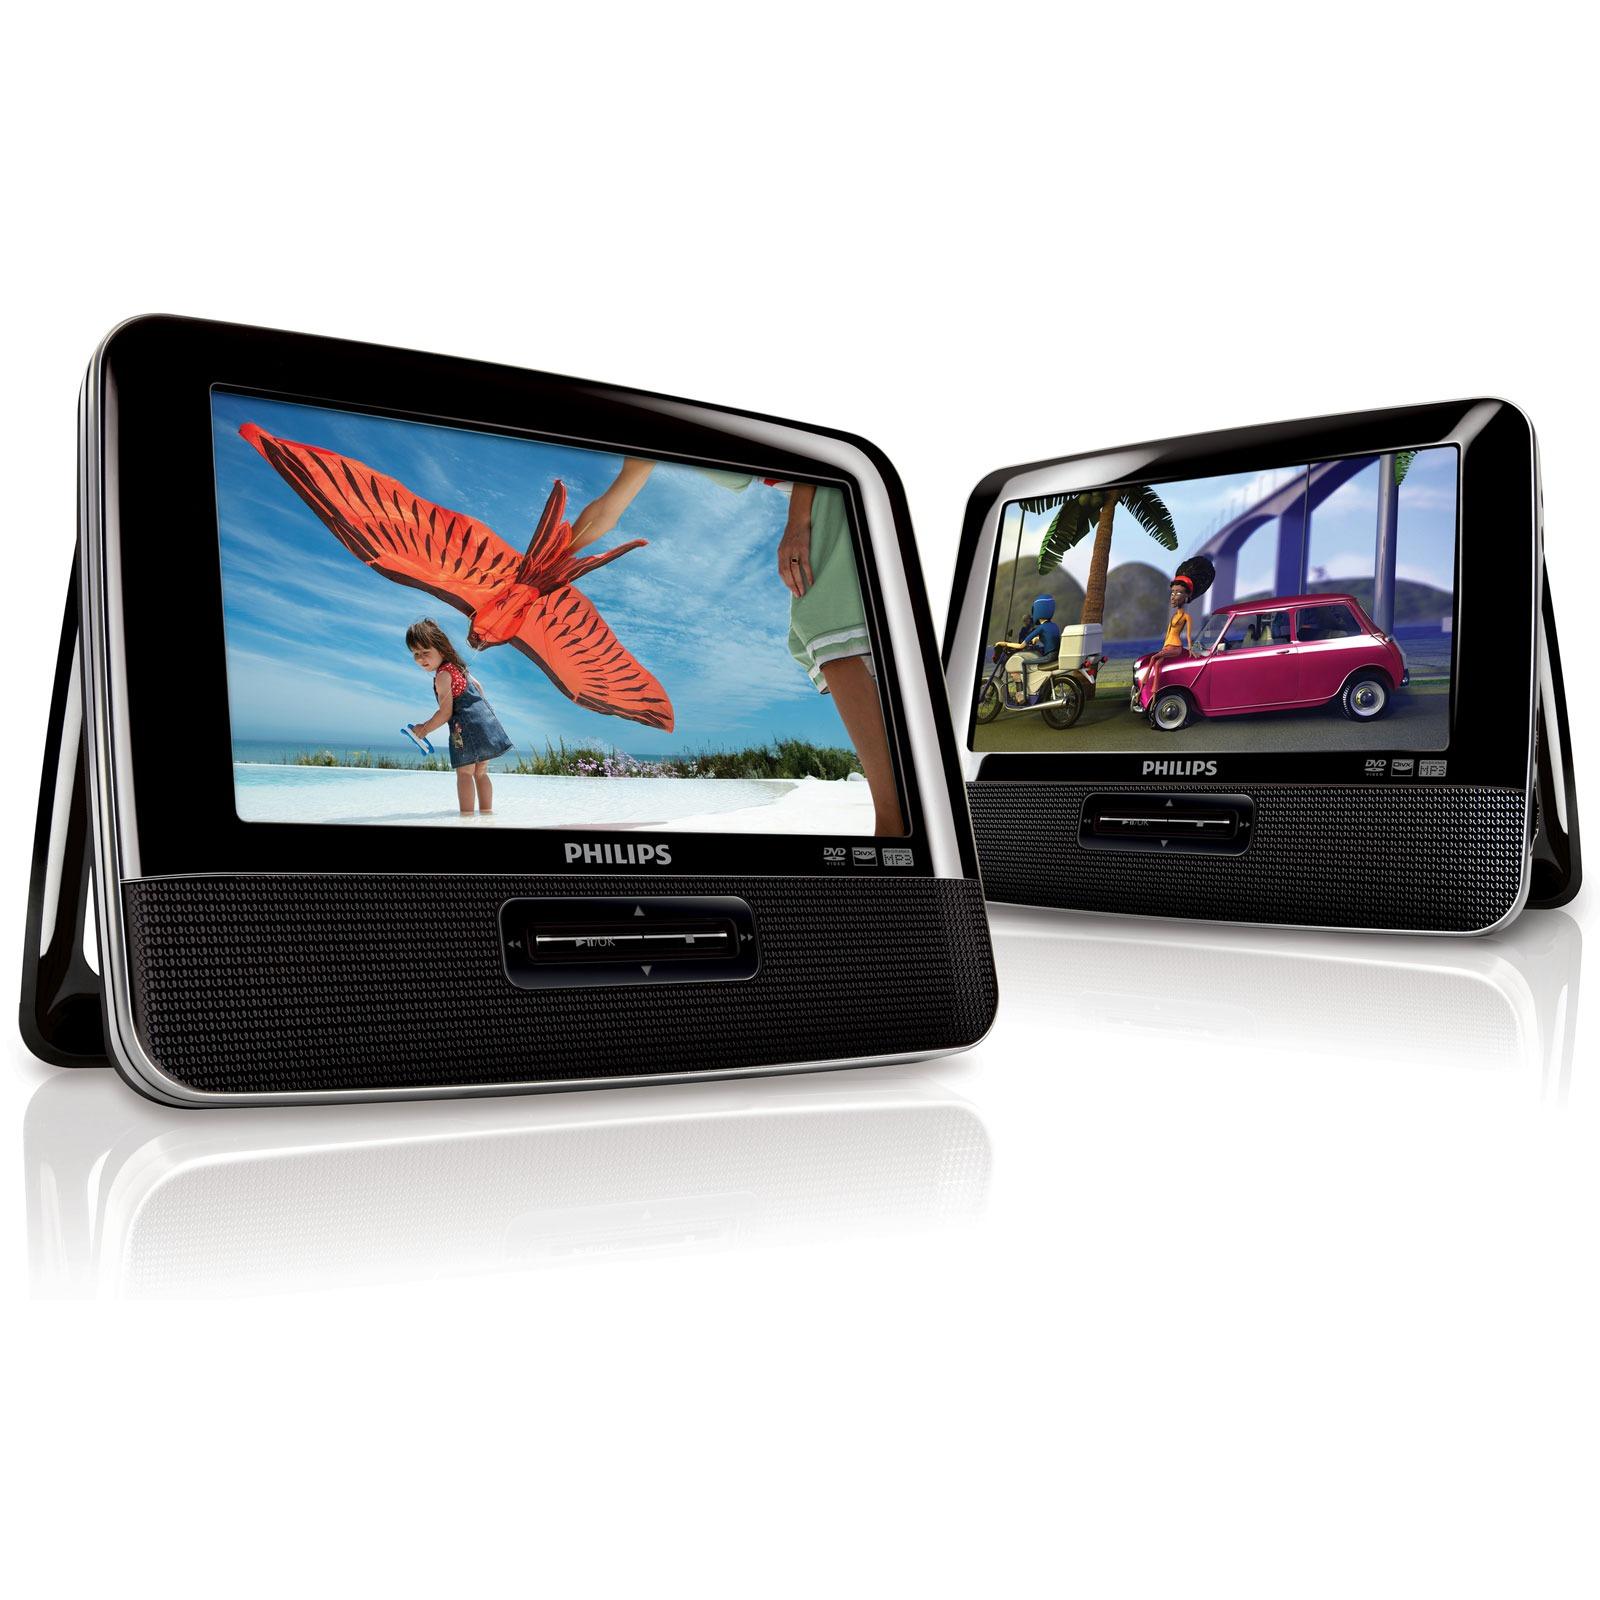 """LDLC.com Philips PD7042 Double Lecteur DVD/DivX 7"""" Portable à double écran"""